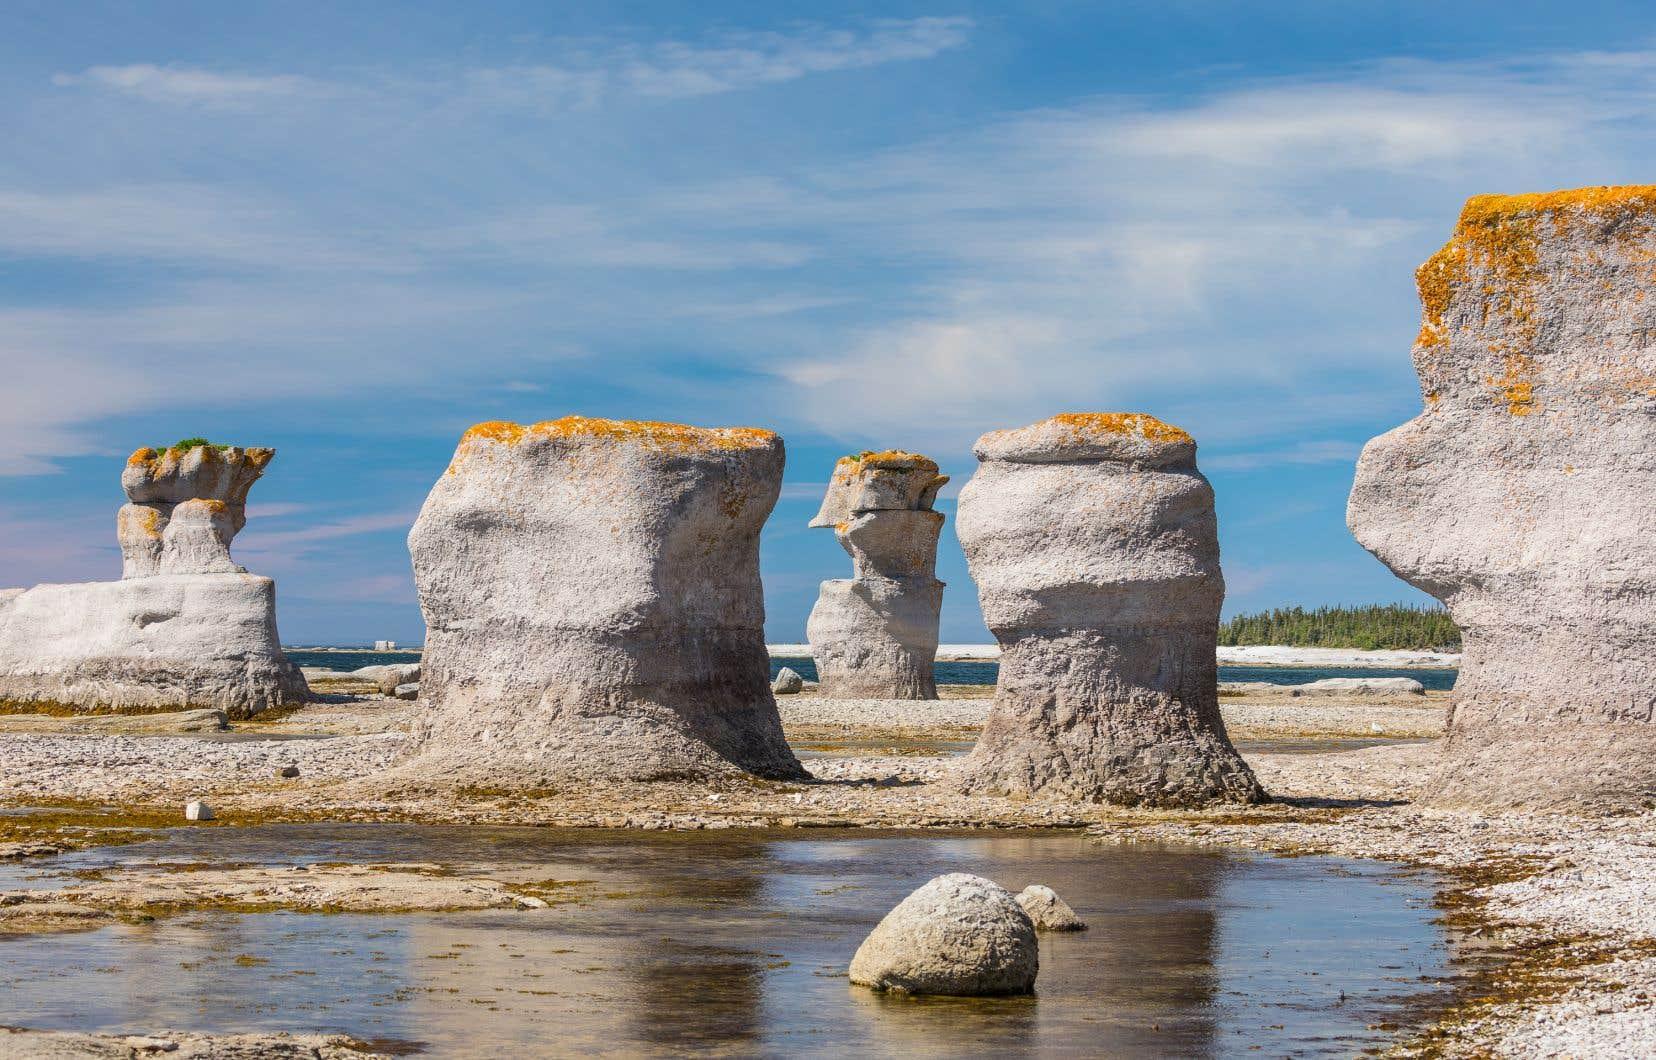 Les géants de calcaire, dans le parc national de l'Archipel-de-Mingan